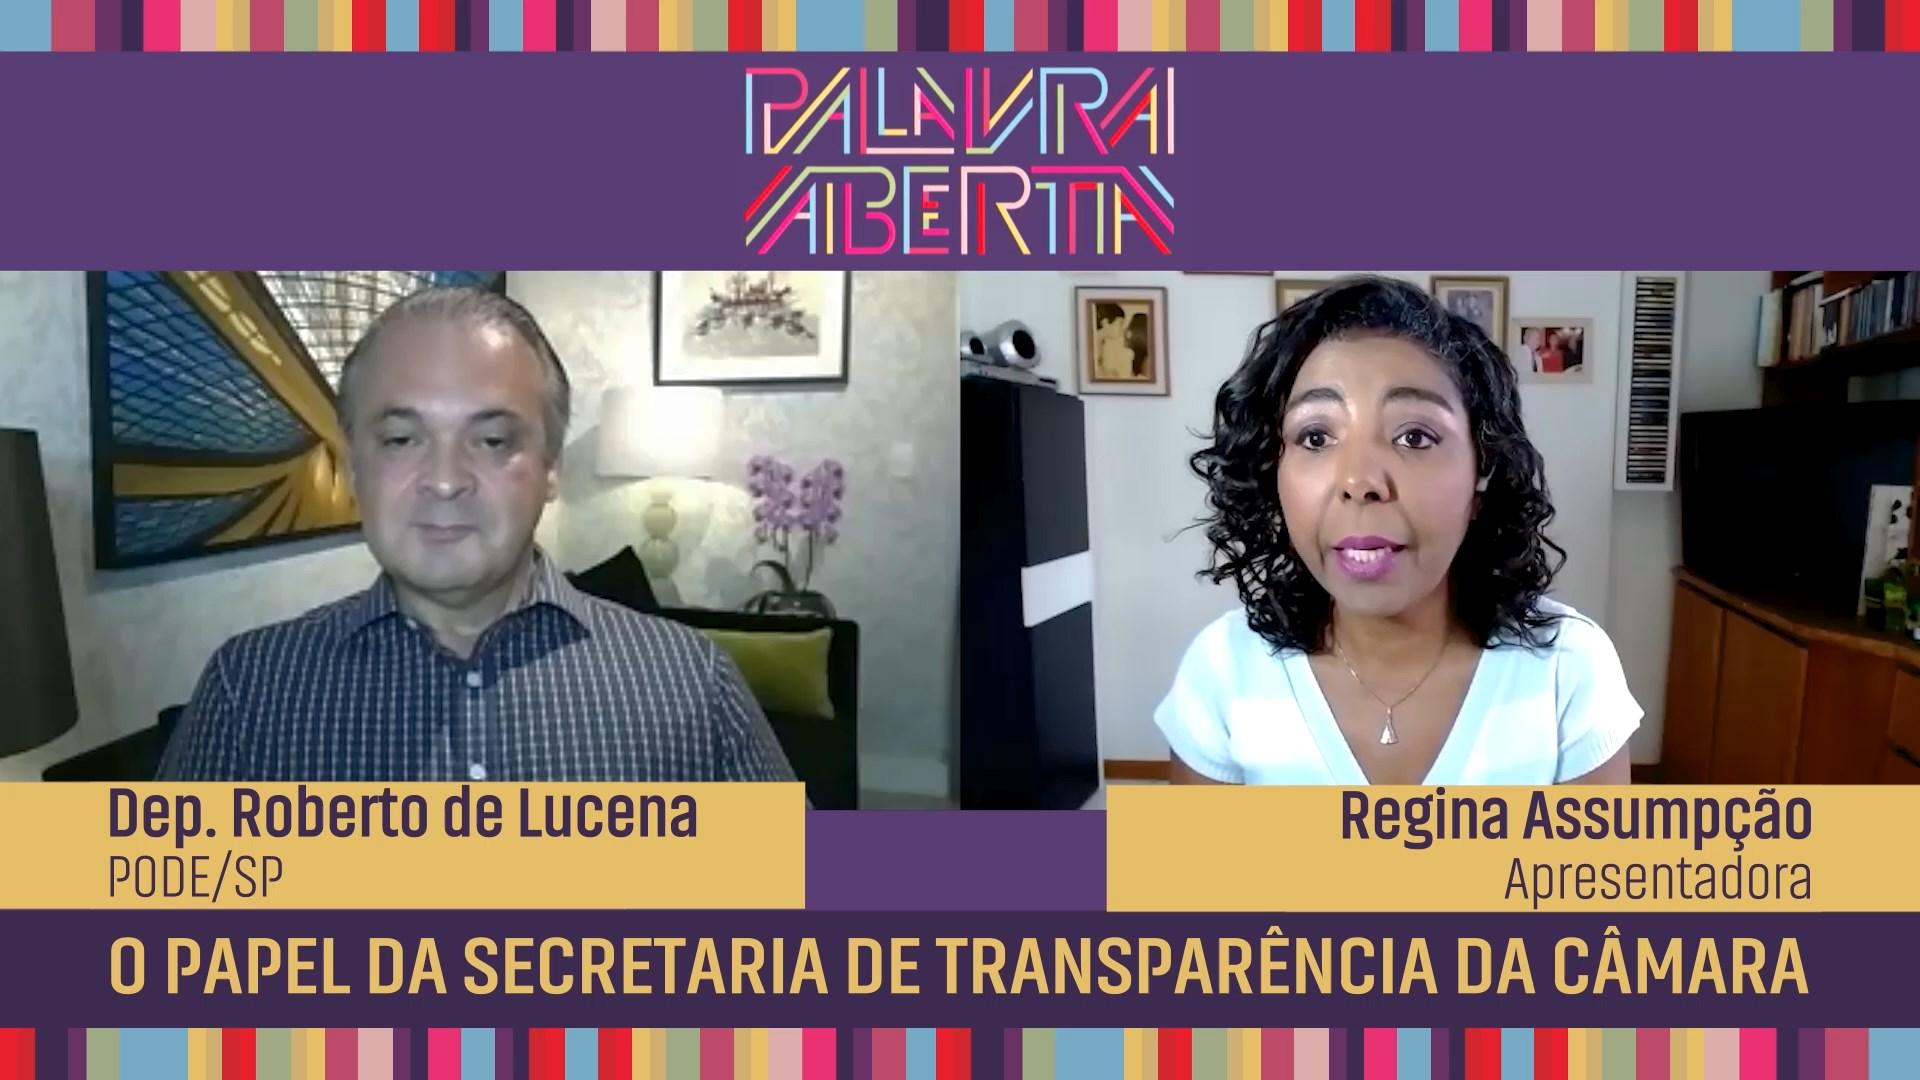 O papel da Secretaria de Transparência da Câmara